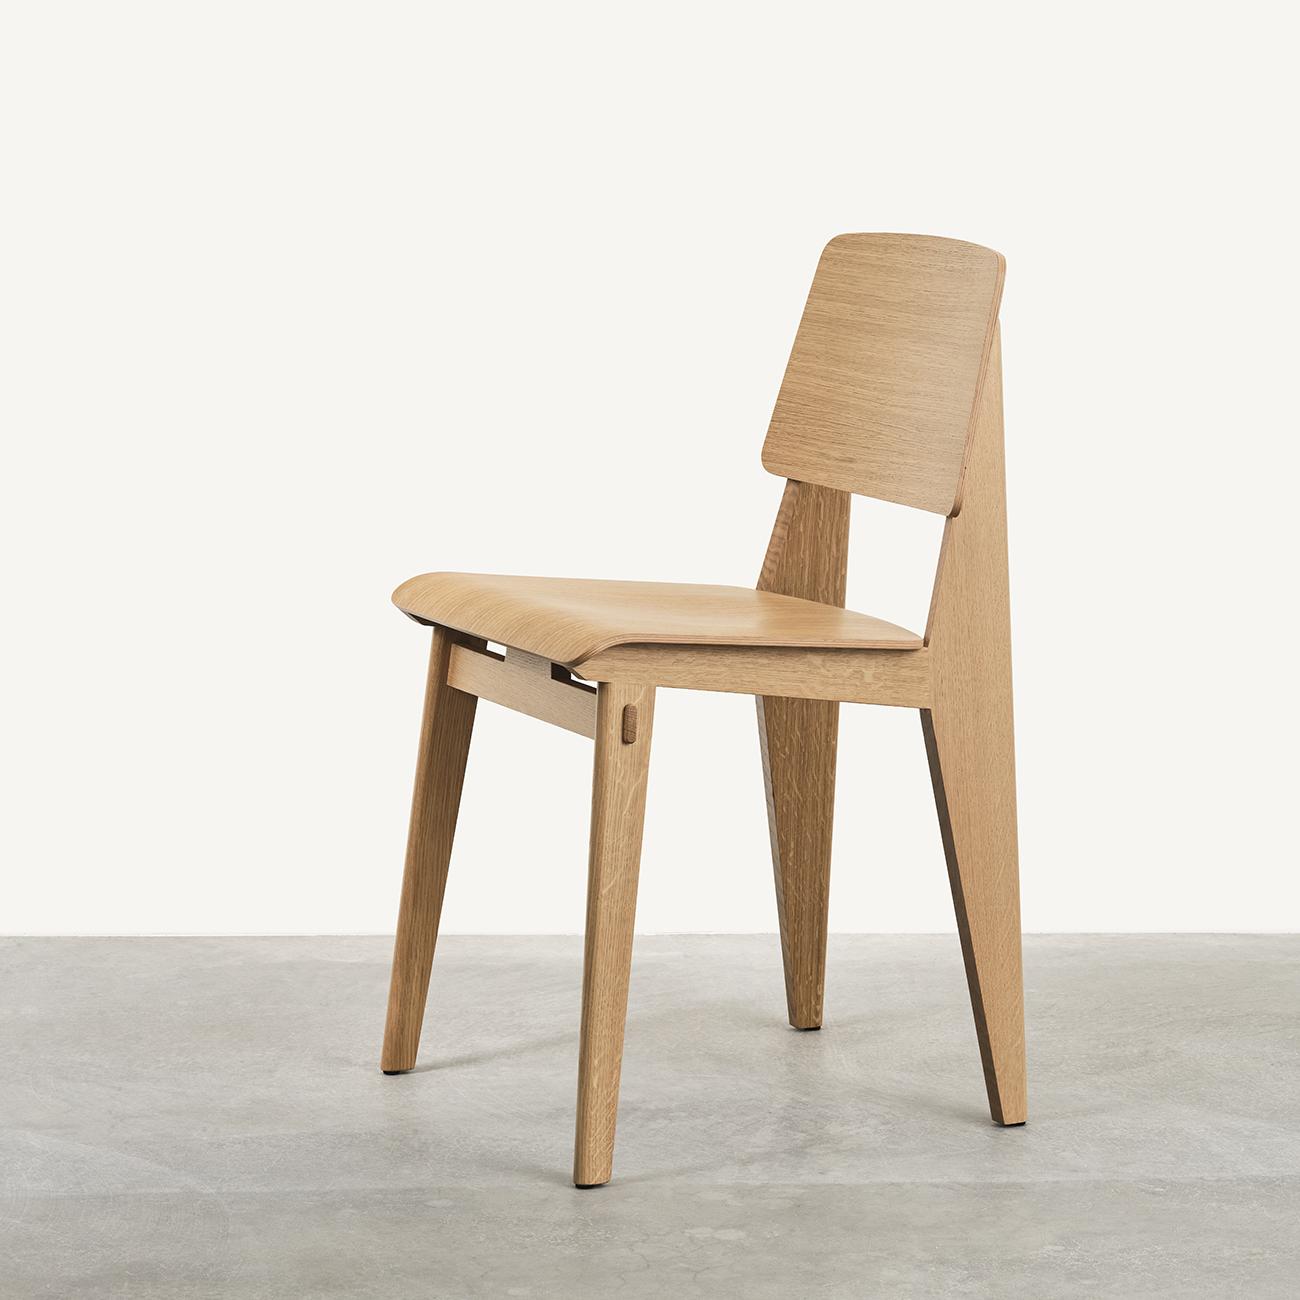 Chaise Tout Bois Chair Natural Oak